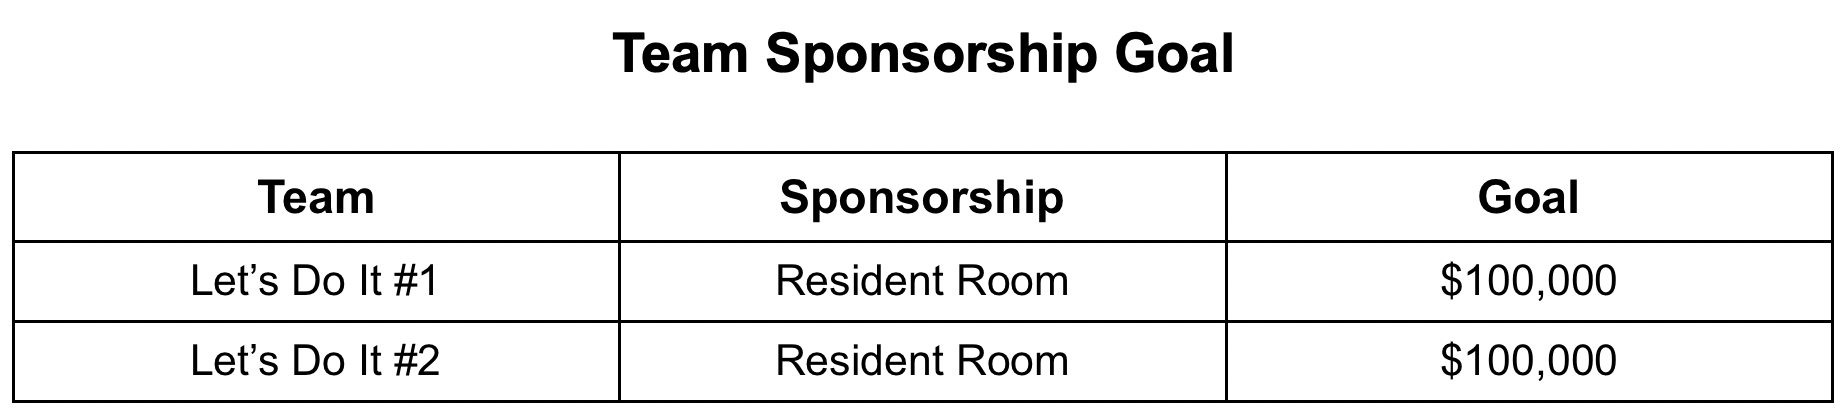 team-sponsorship-goal